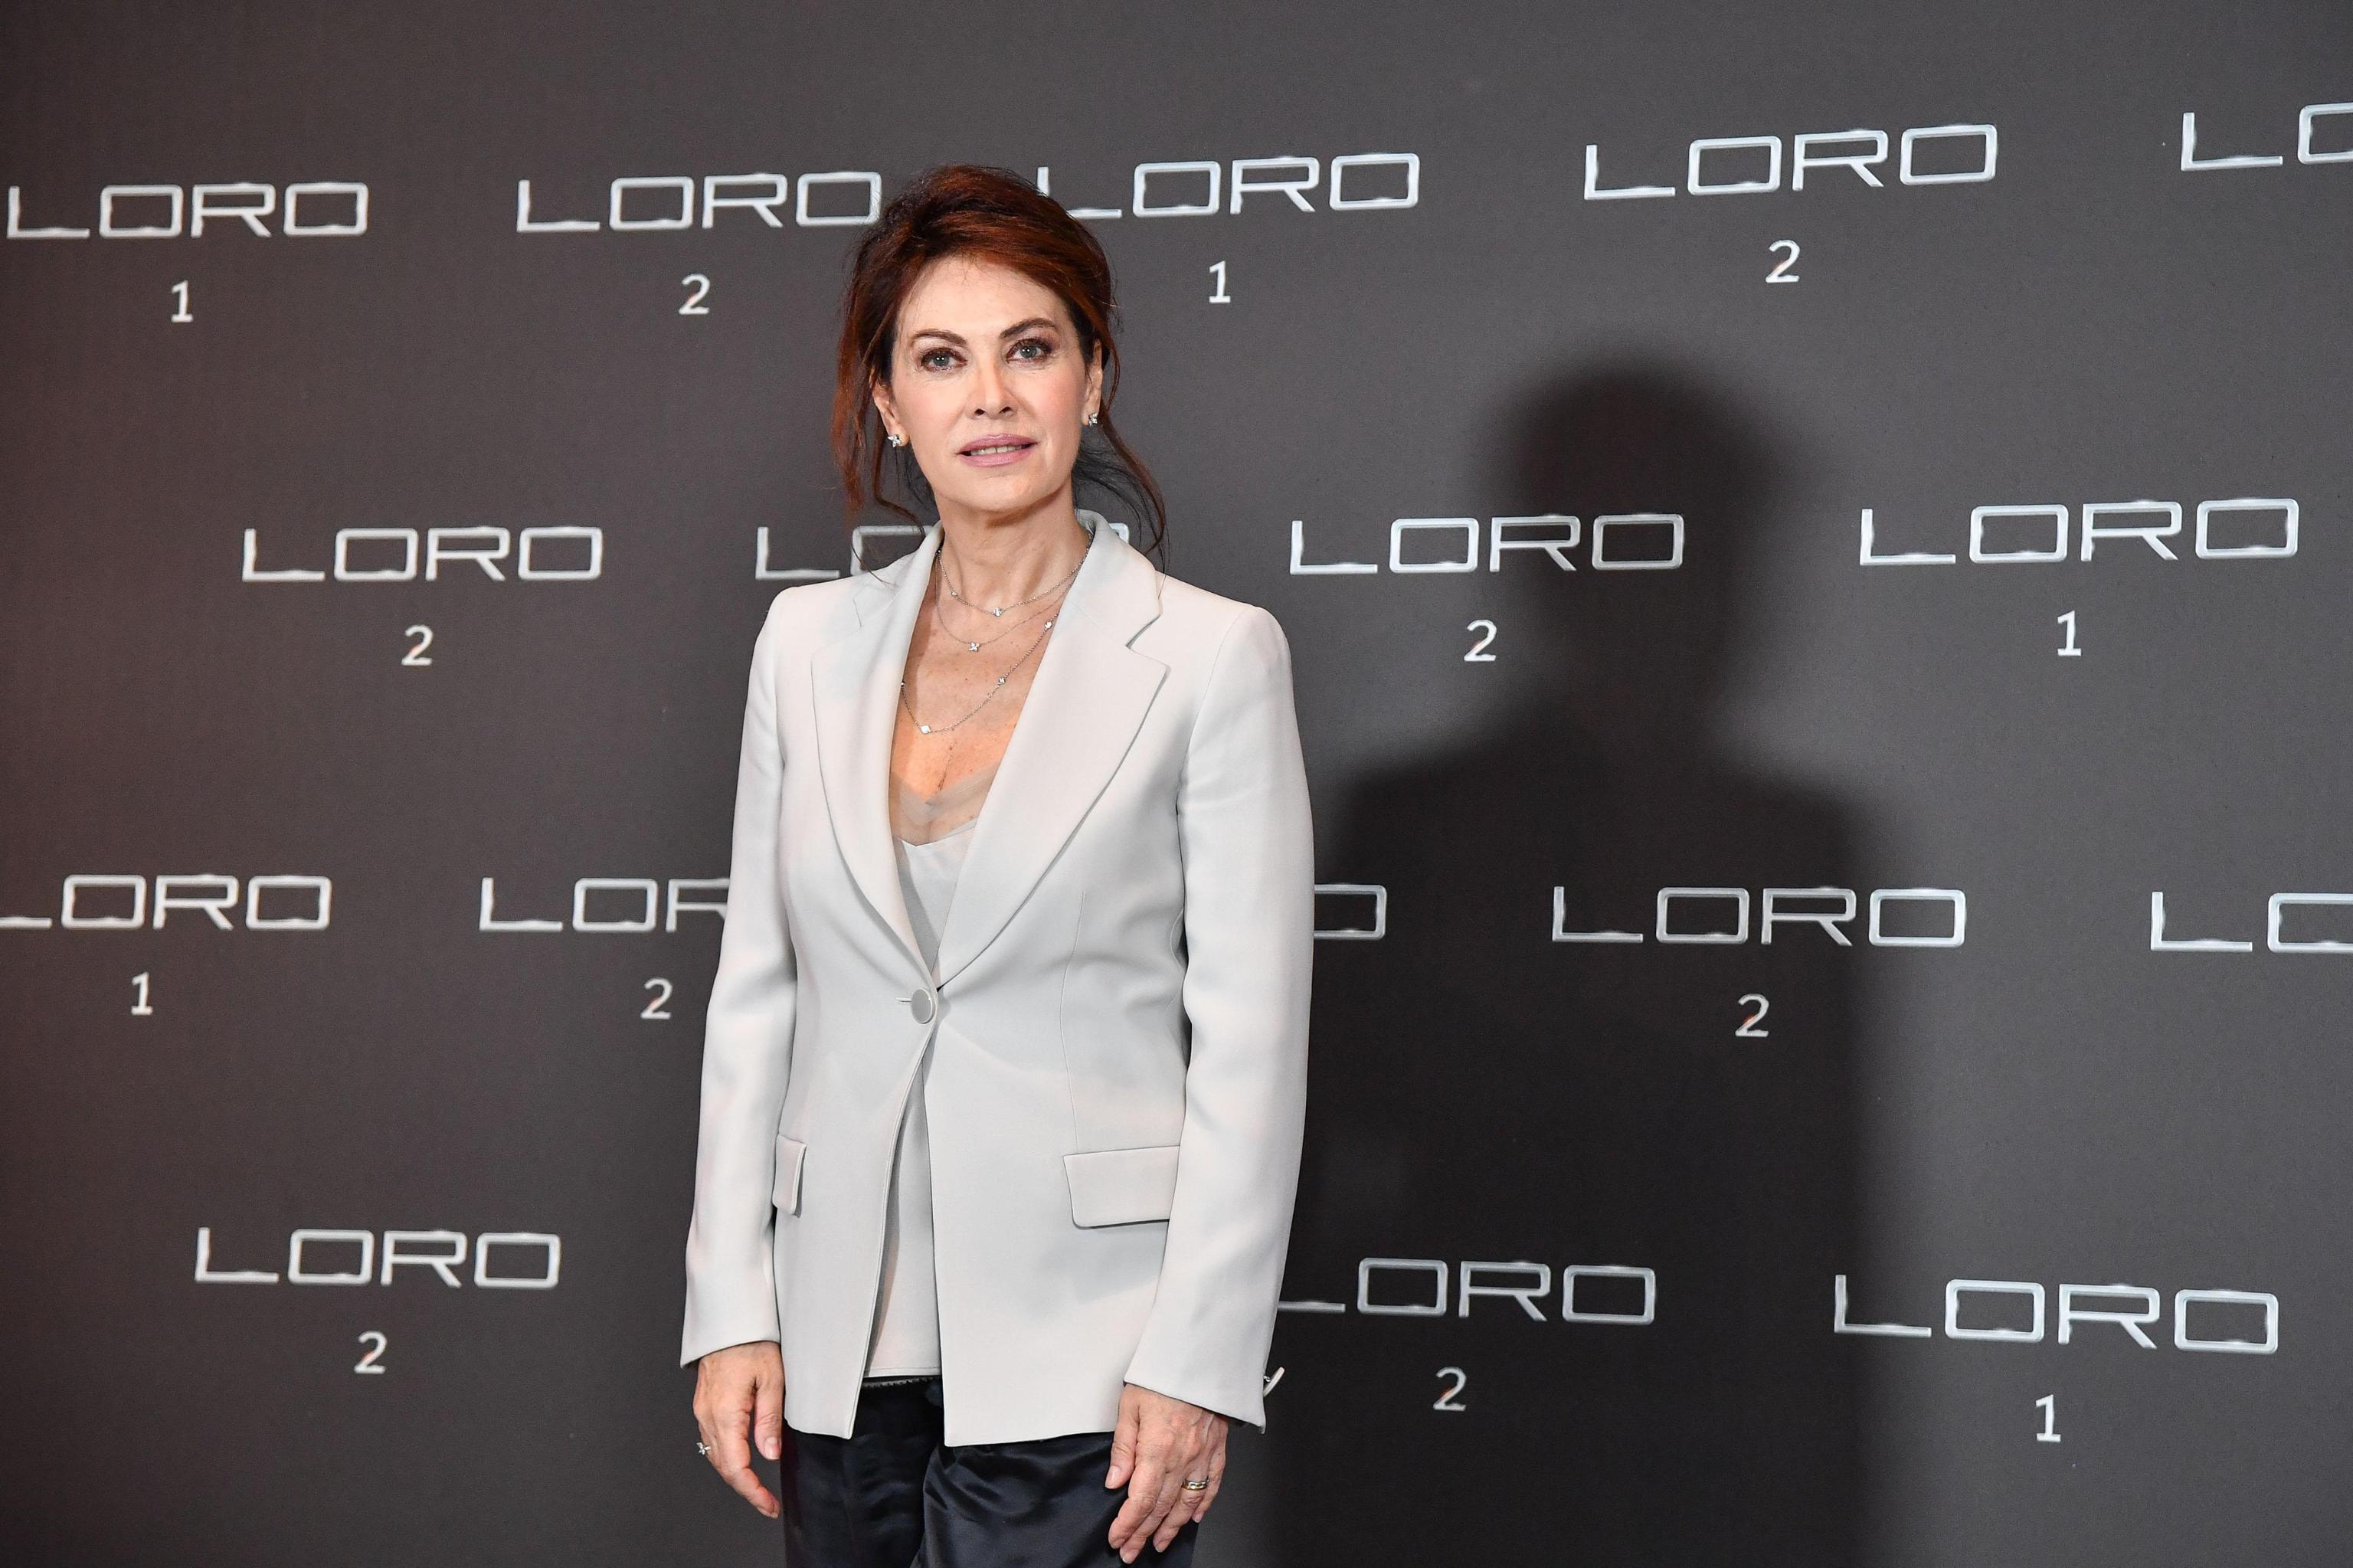 Elena Sofia Ricci, lutto per l'attrice: è morta la mamma